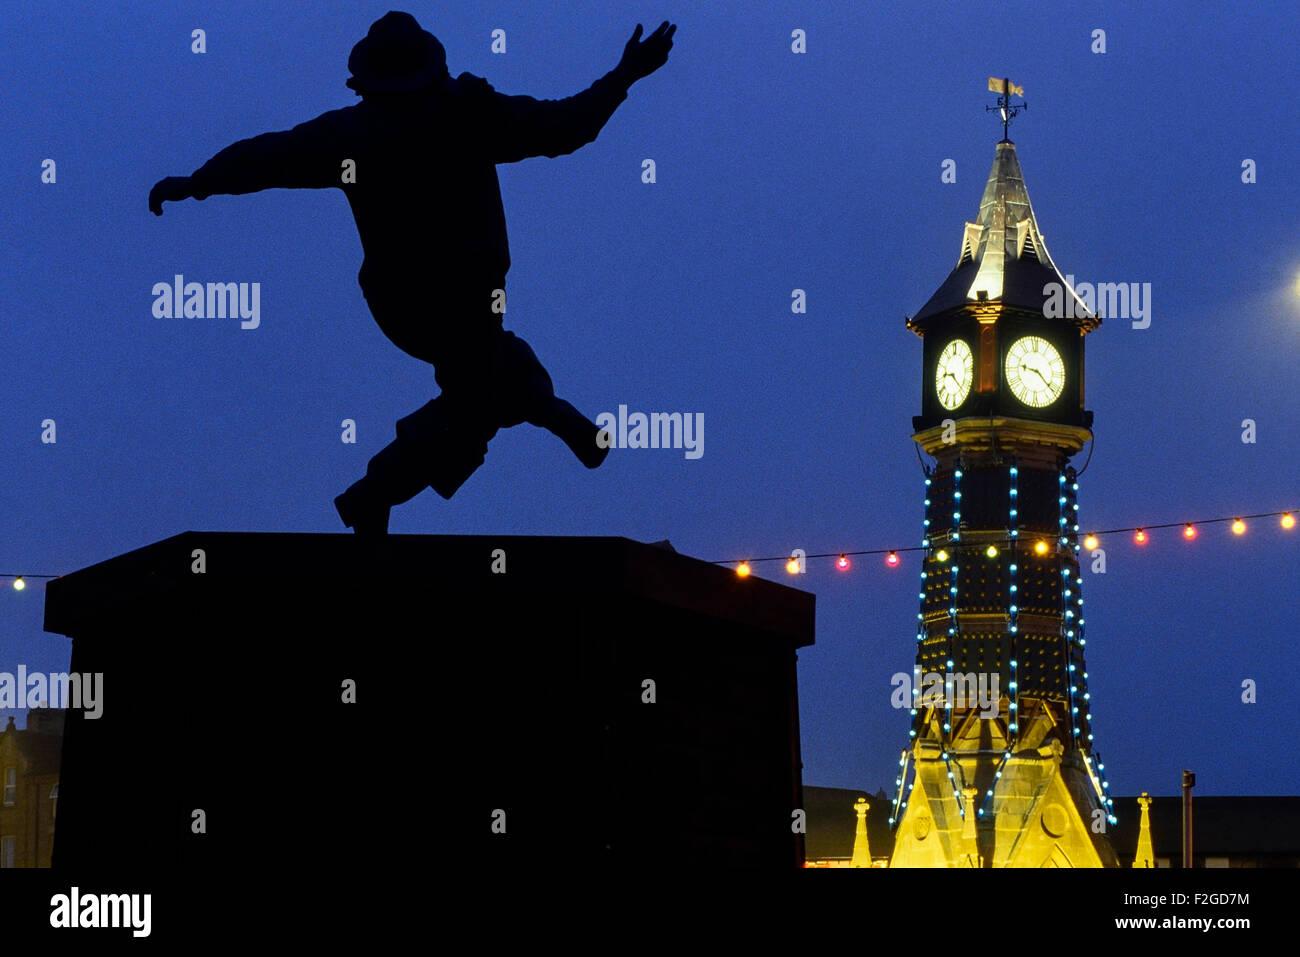 La torre del reloj y el Jolly pescador estatua en la noche. Skegness. Lincolnshire. Inglaterra. UK Imagen De Stock